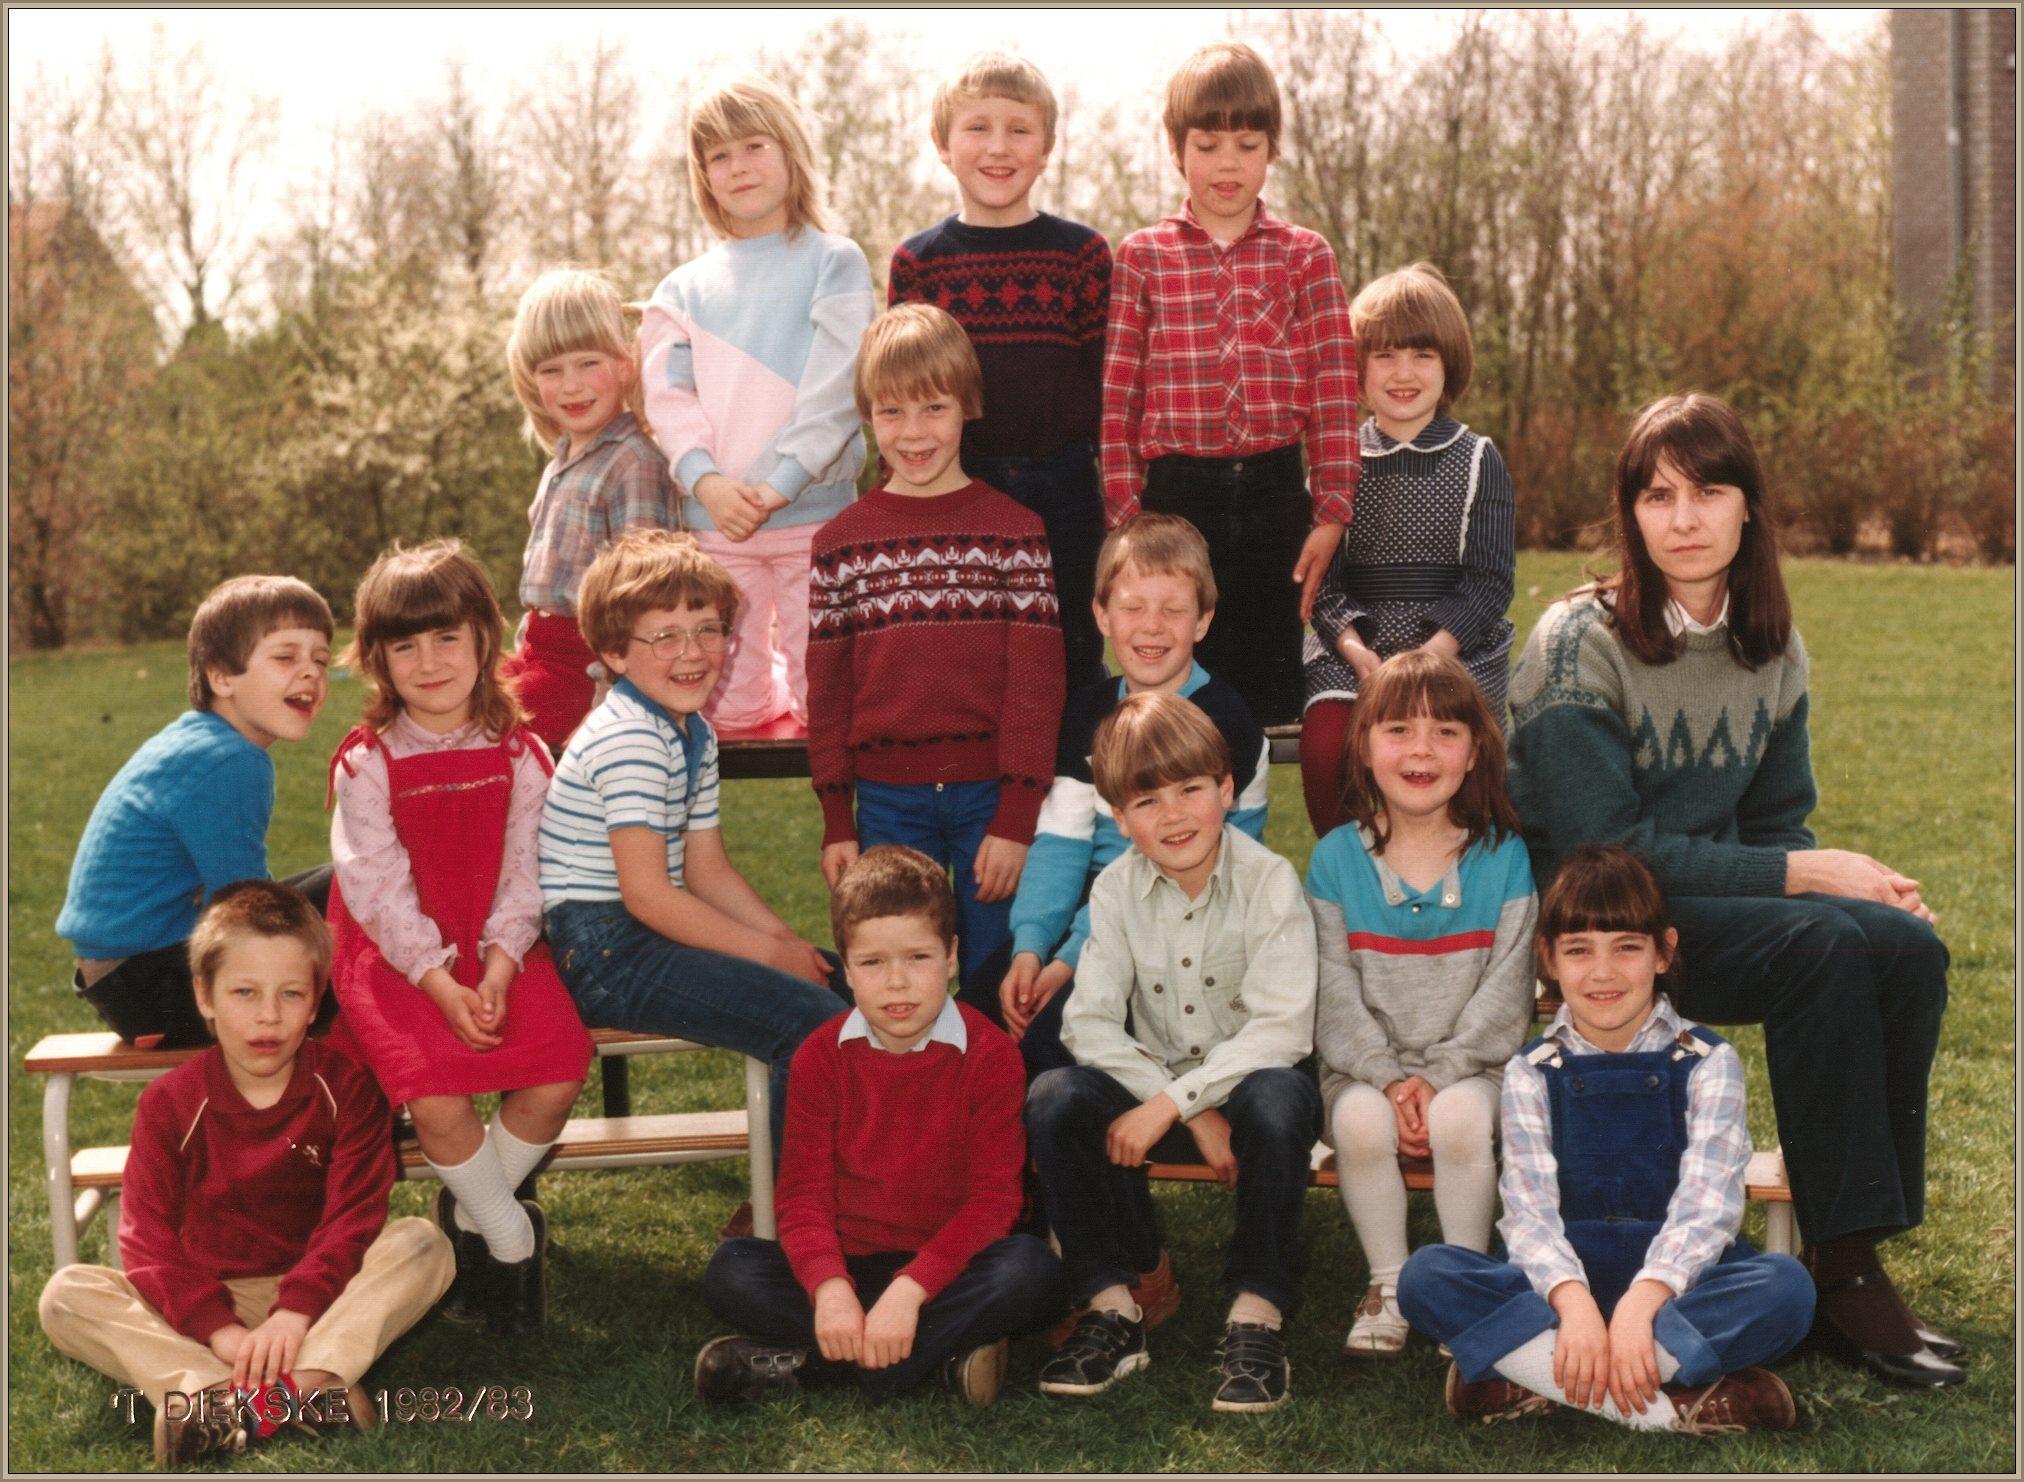 Klassefoto van juf Riky van Boekel 1982-1983